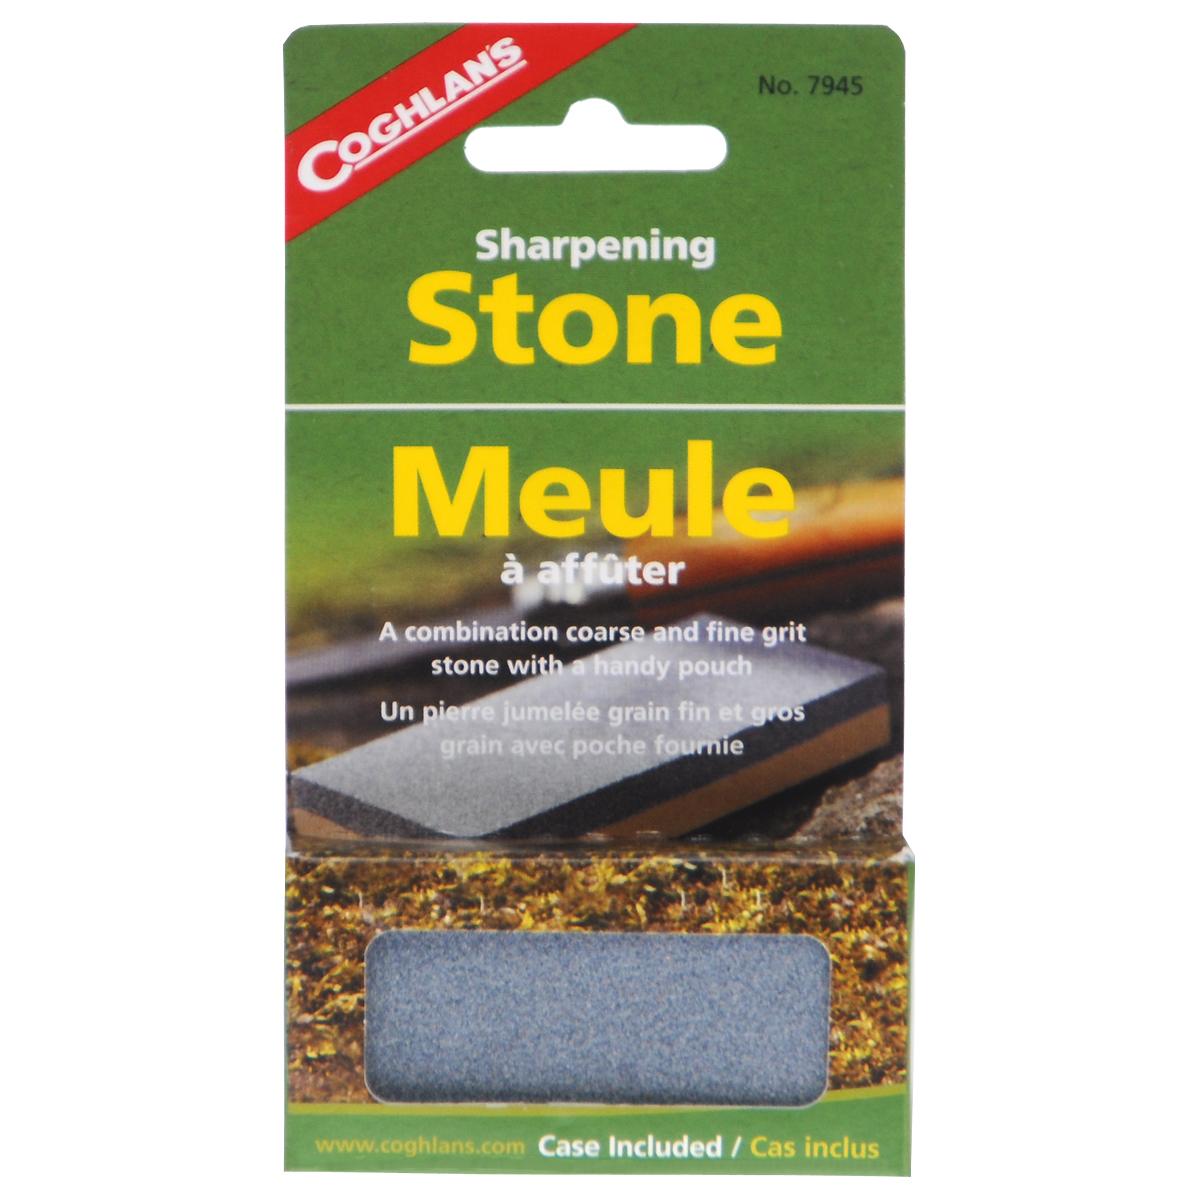 Камень точильный Coghlans, двухсторонний, с футляром, 7,5 см х 3,5 см7945Двухсторонний точильный камень Coghlans предназначен для правки ножей. Имеет две поверхности с разной зернистостью абразива: P120 (серая сторона) для предварительной заточки и P400 (бежевая сторона) для финишной доводки. Благодаря этому точильный камень сочетает в себе сразу 2 инструмента для заточки. Изделие имеет малые вес и размер, что очень удобно в походе. В комплекте - виниловый футляр. Размер точильного камня: 7,5 см х 3,5 см х 1 см. Размер футляра: 9,5 см х 6,2 см.